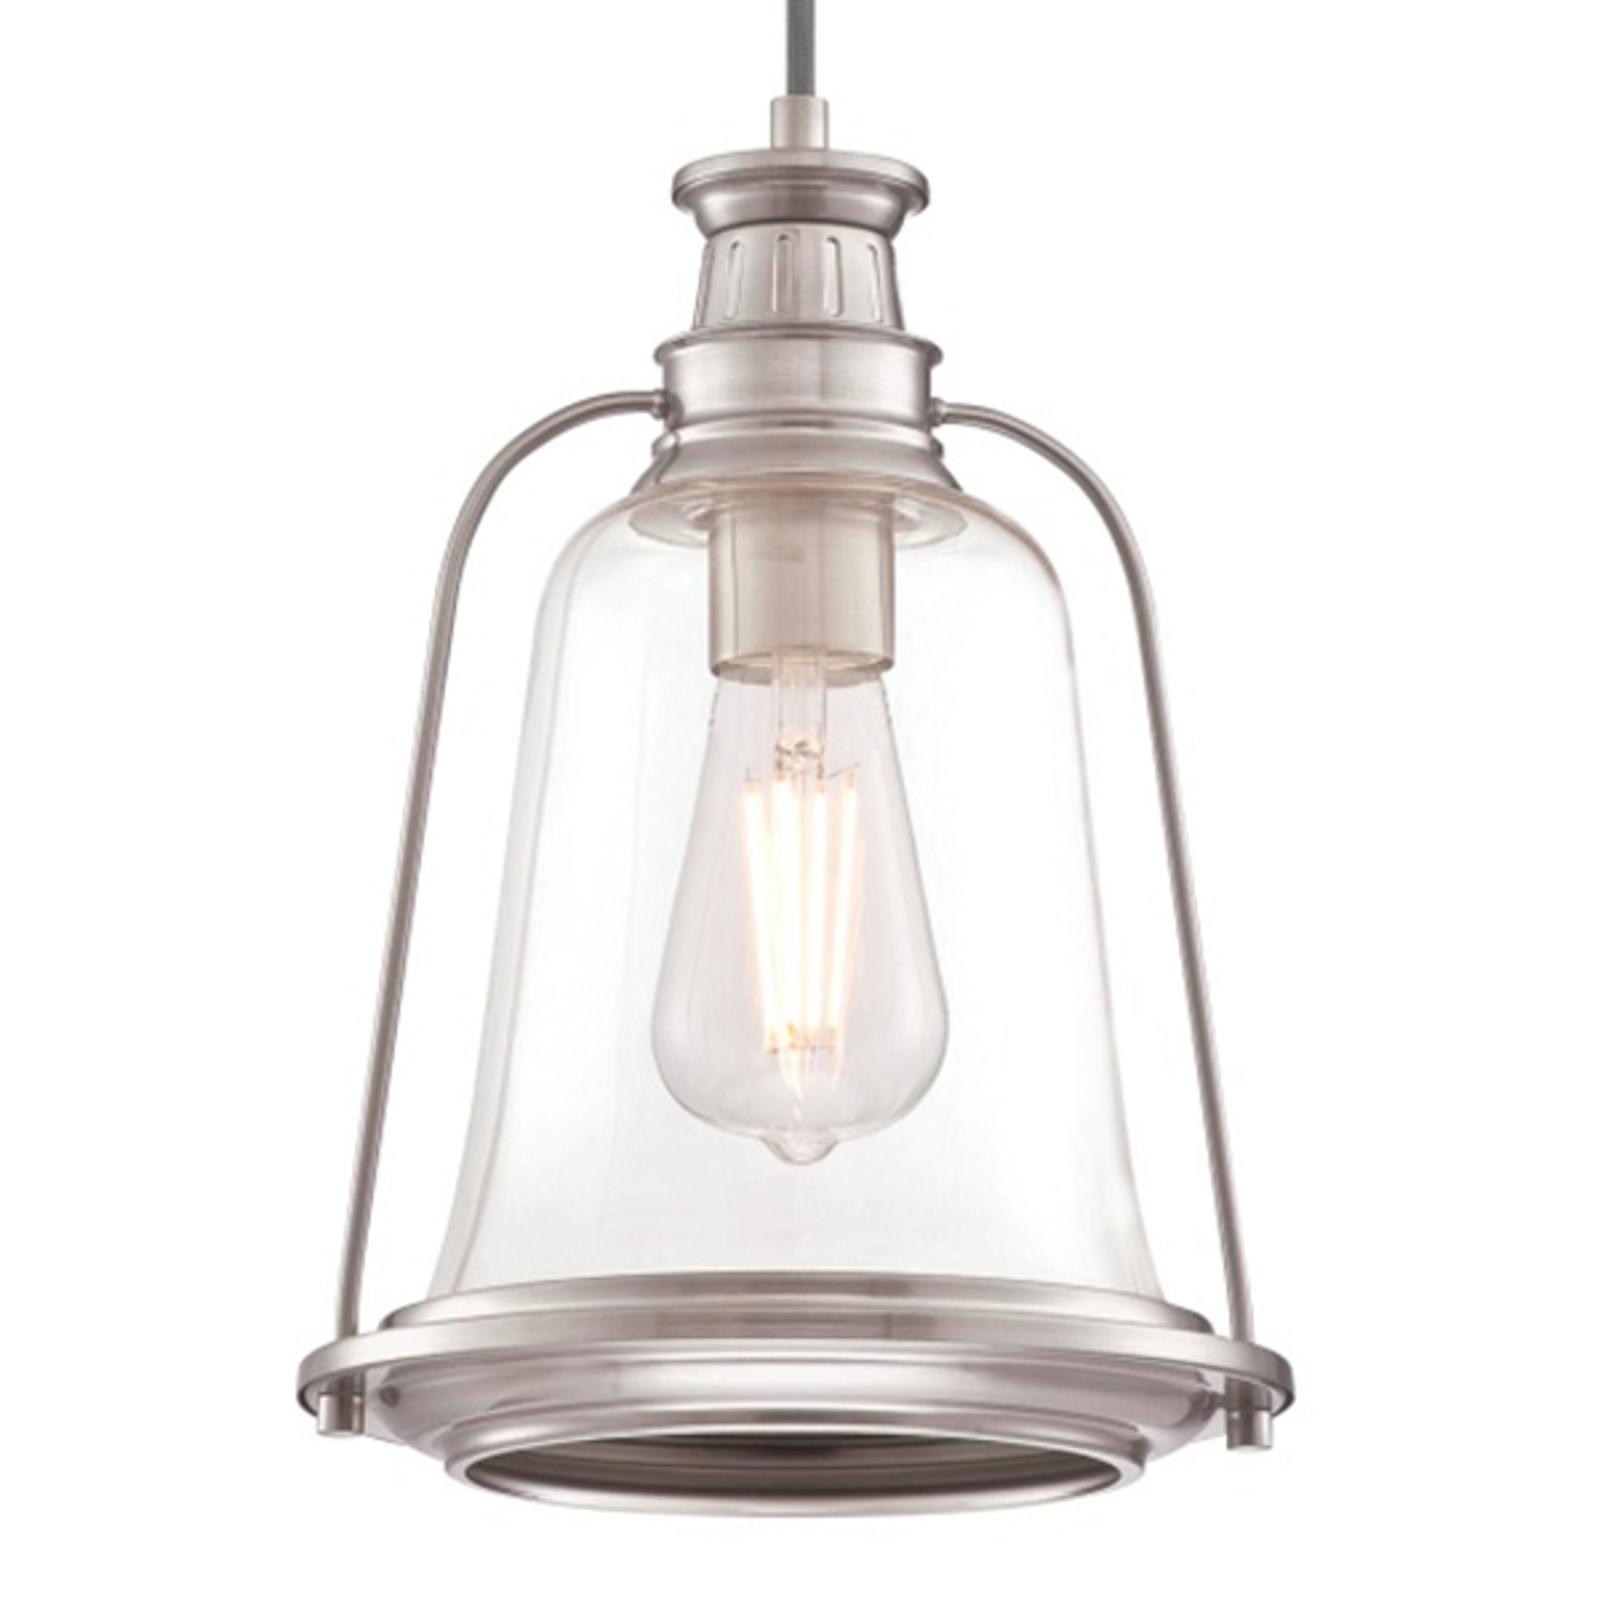 Westinghouse lampa wisząca Brian nikiel